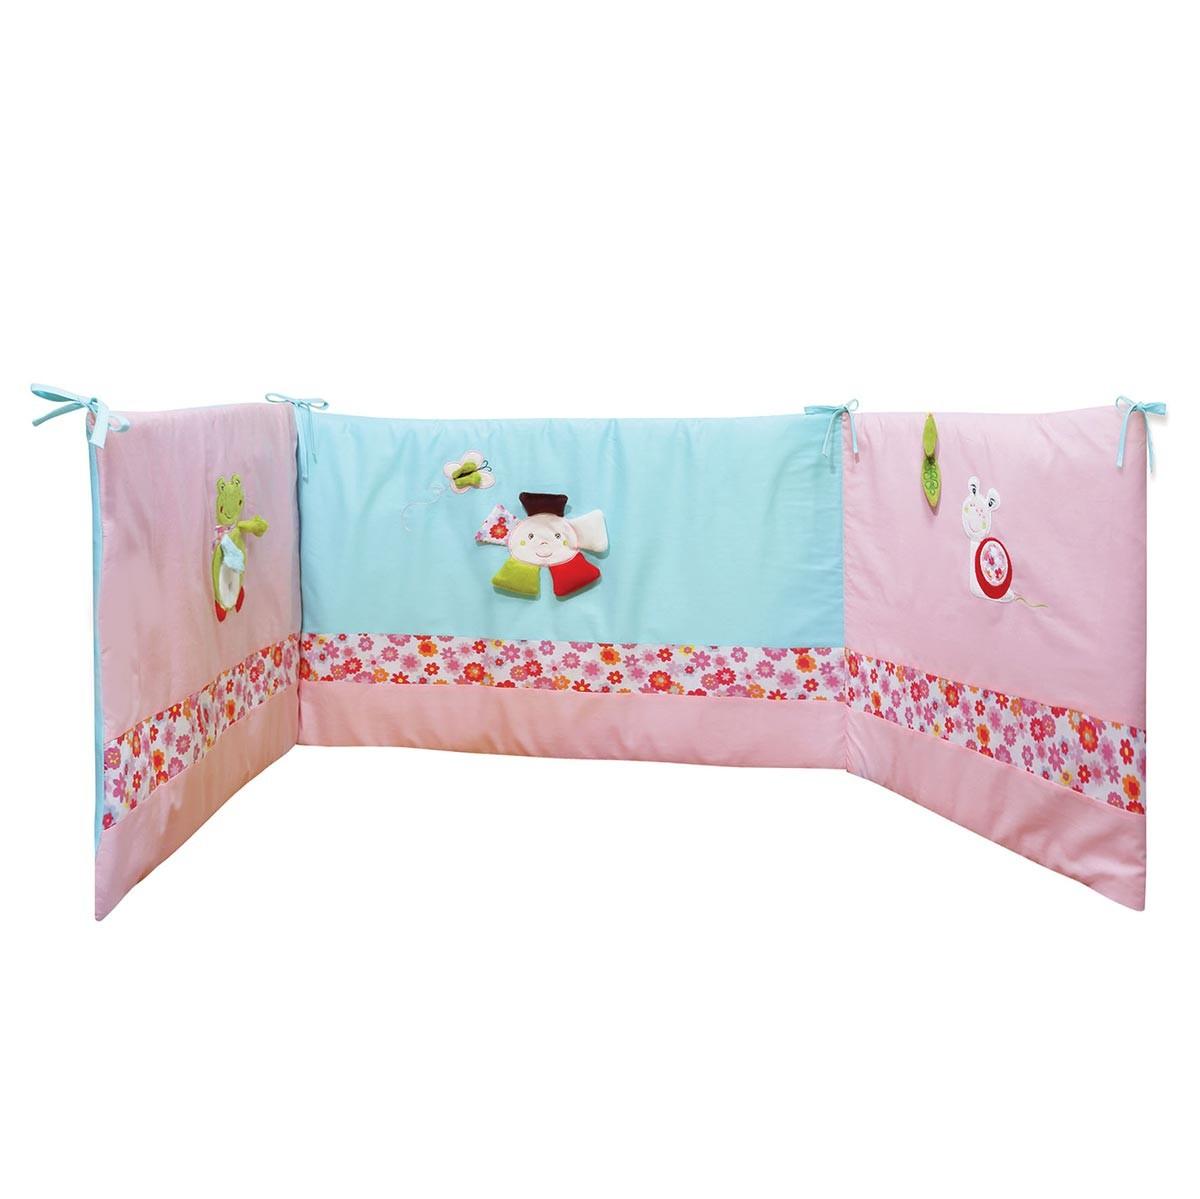 Πάντα Κούνιας Das Home Dream Embroidery 6396